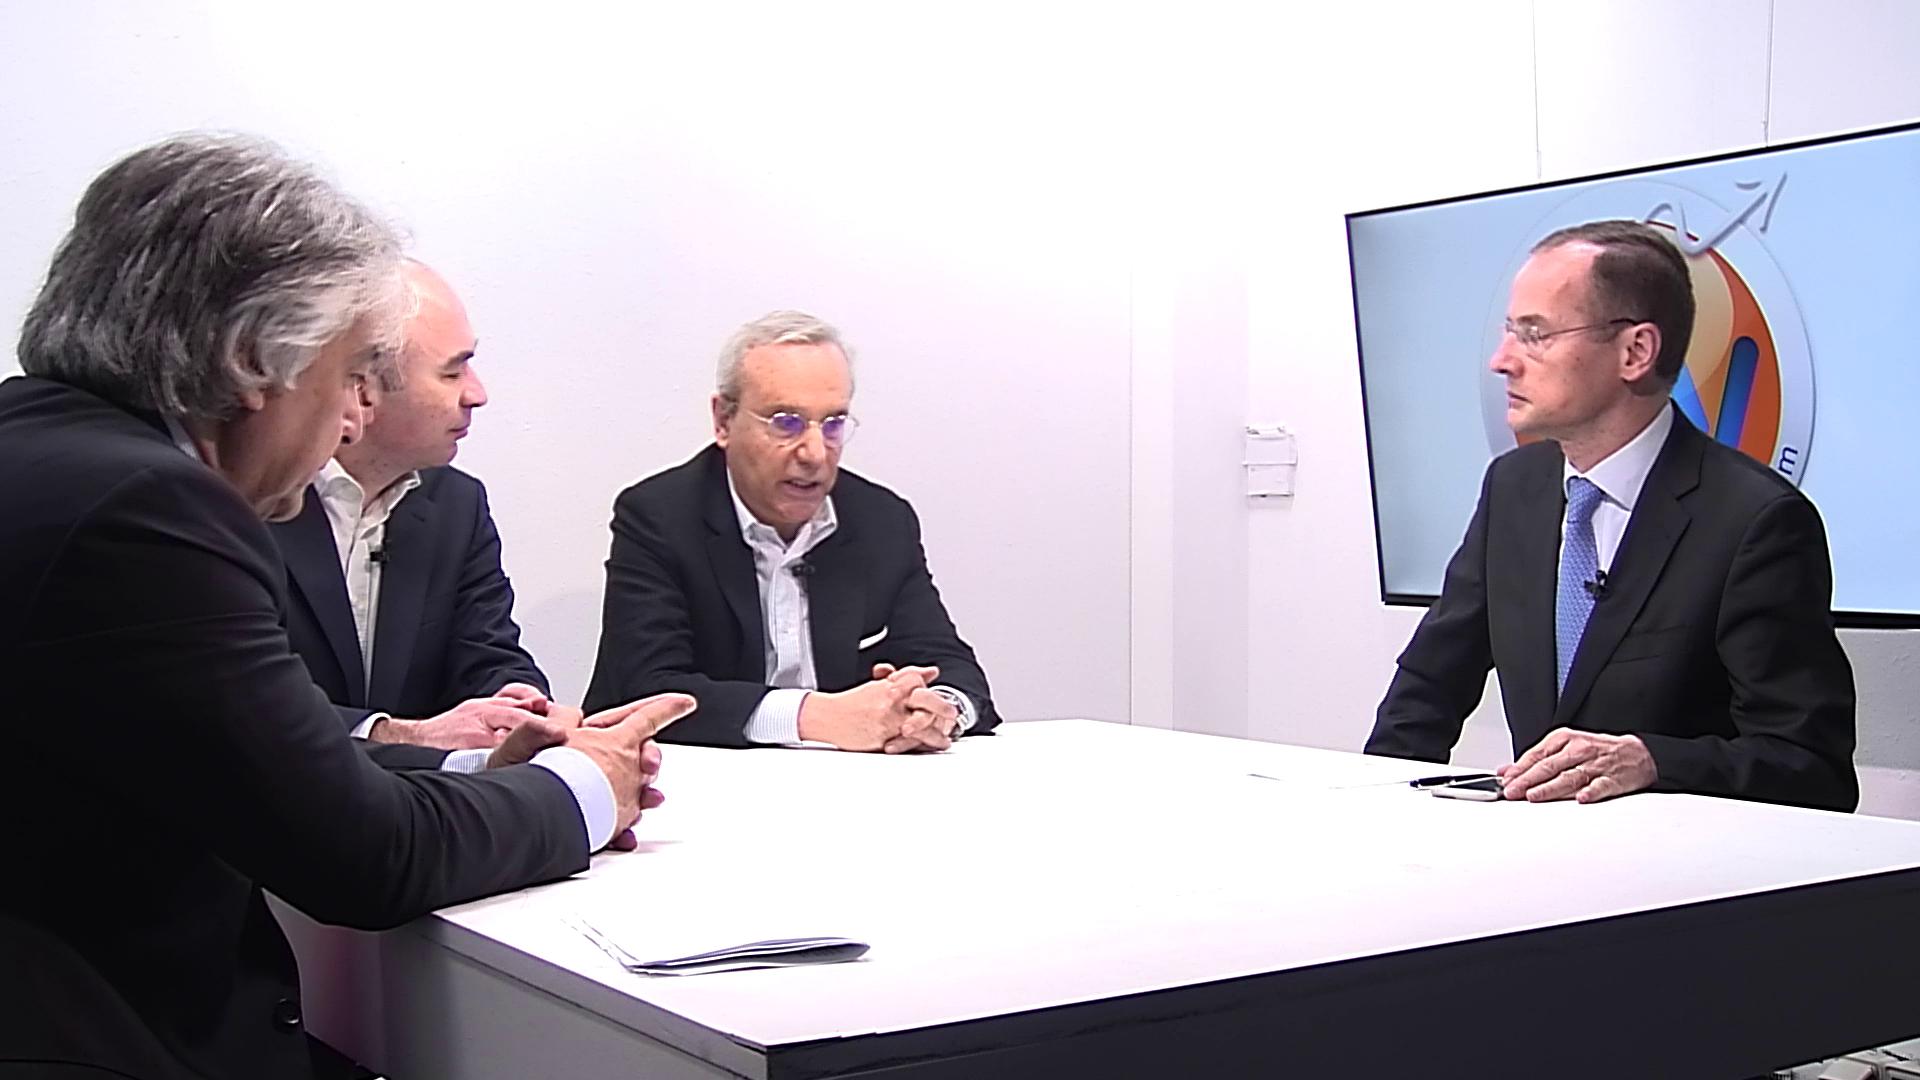 Bourse, Avis d'experts, l'émission pour un débat stratégie d'investissement (3ème partie)